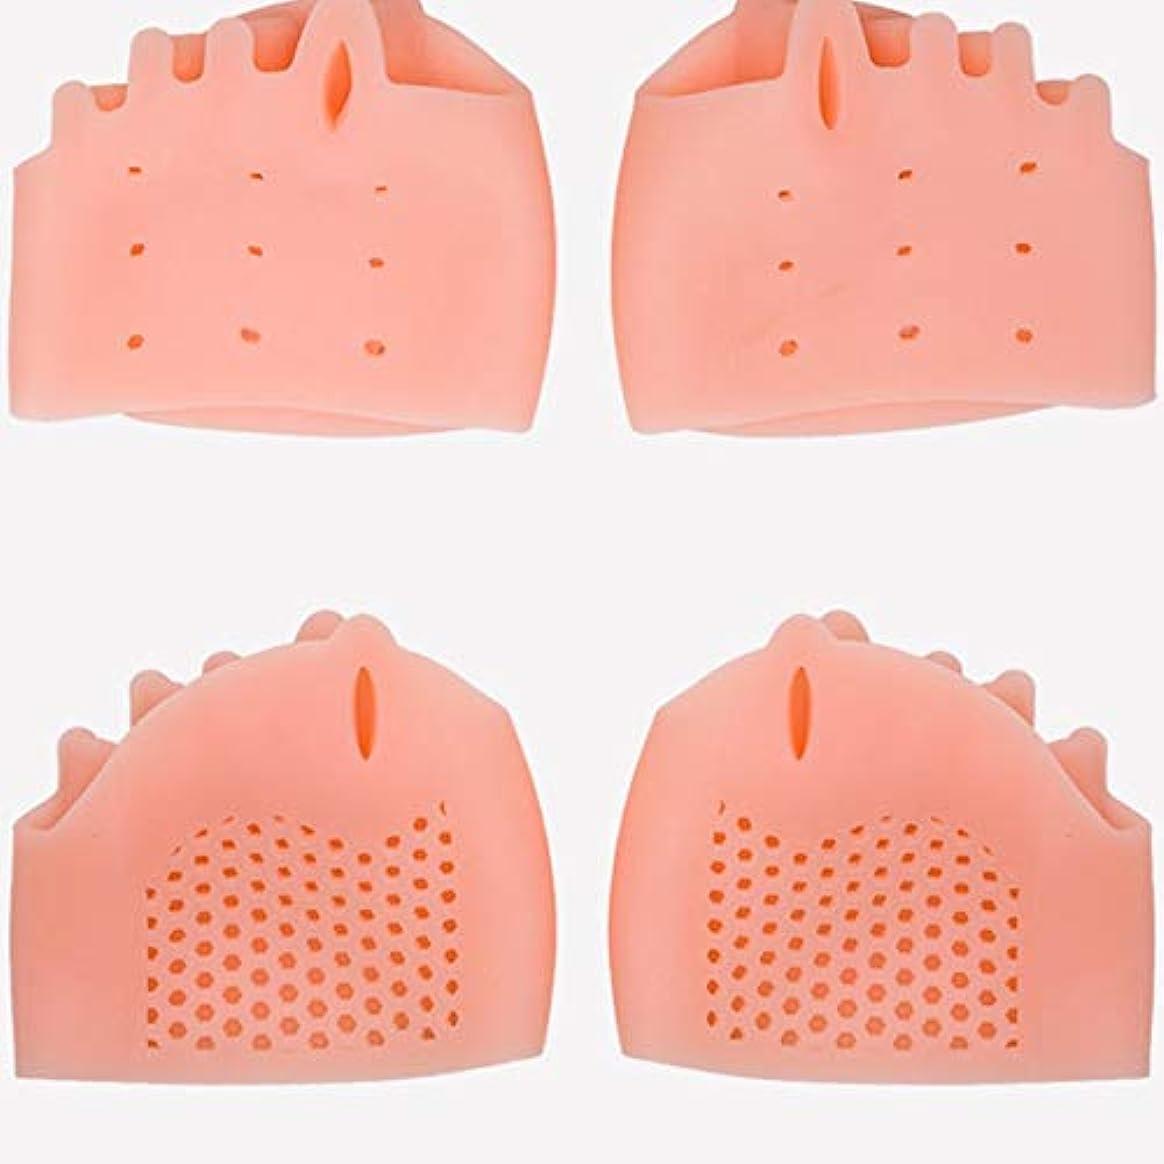 ラバフェザー上院議員Silicone Toe Separator Foot Braces Support Little Toe Varus Corretcor for Overlapping Toe Foot Care for Men Women